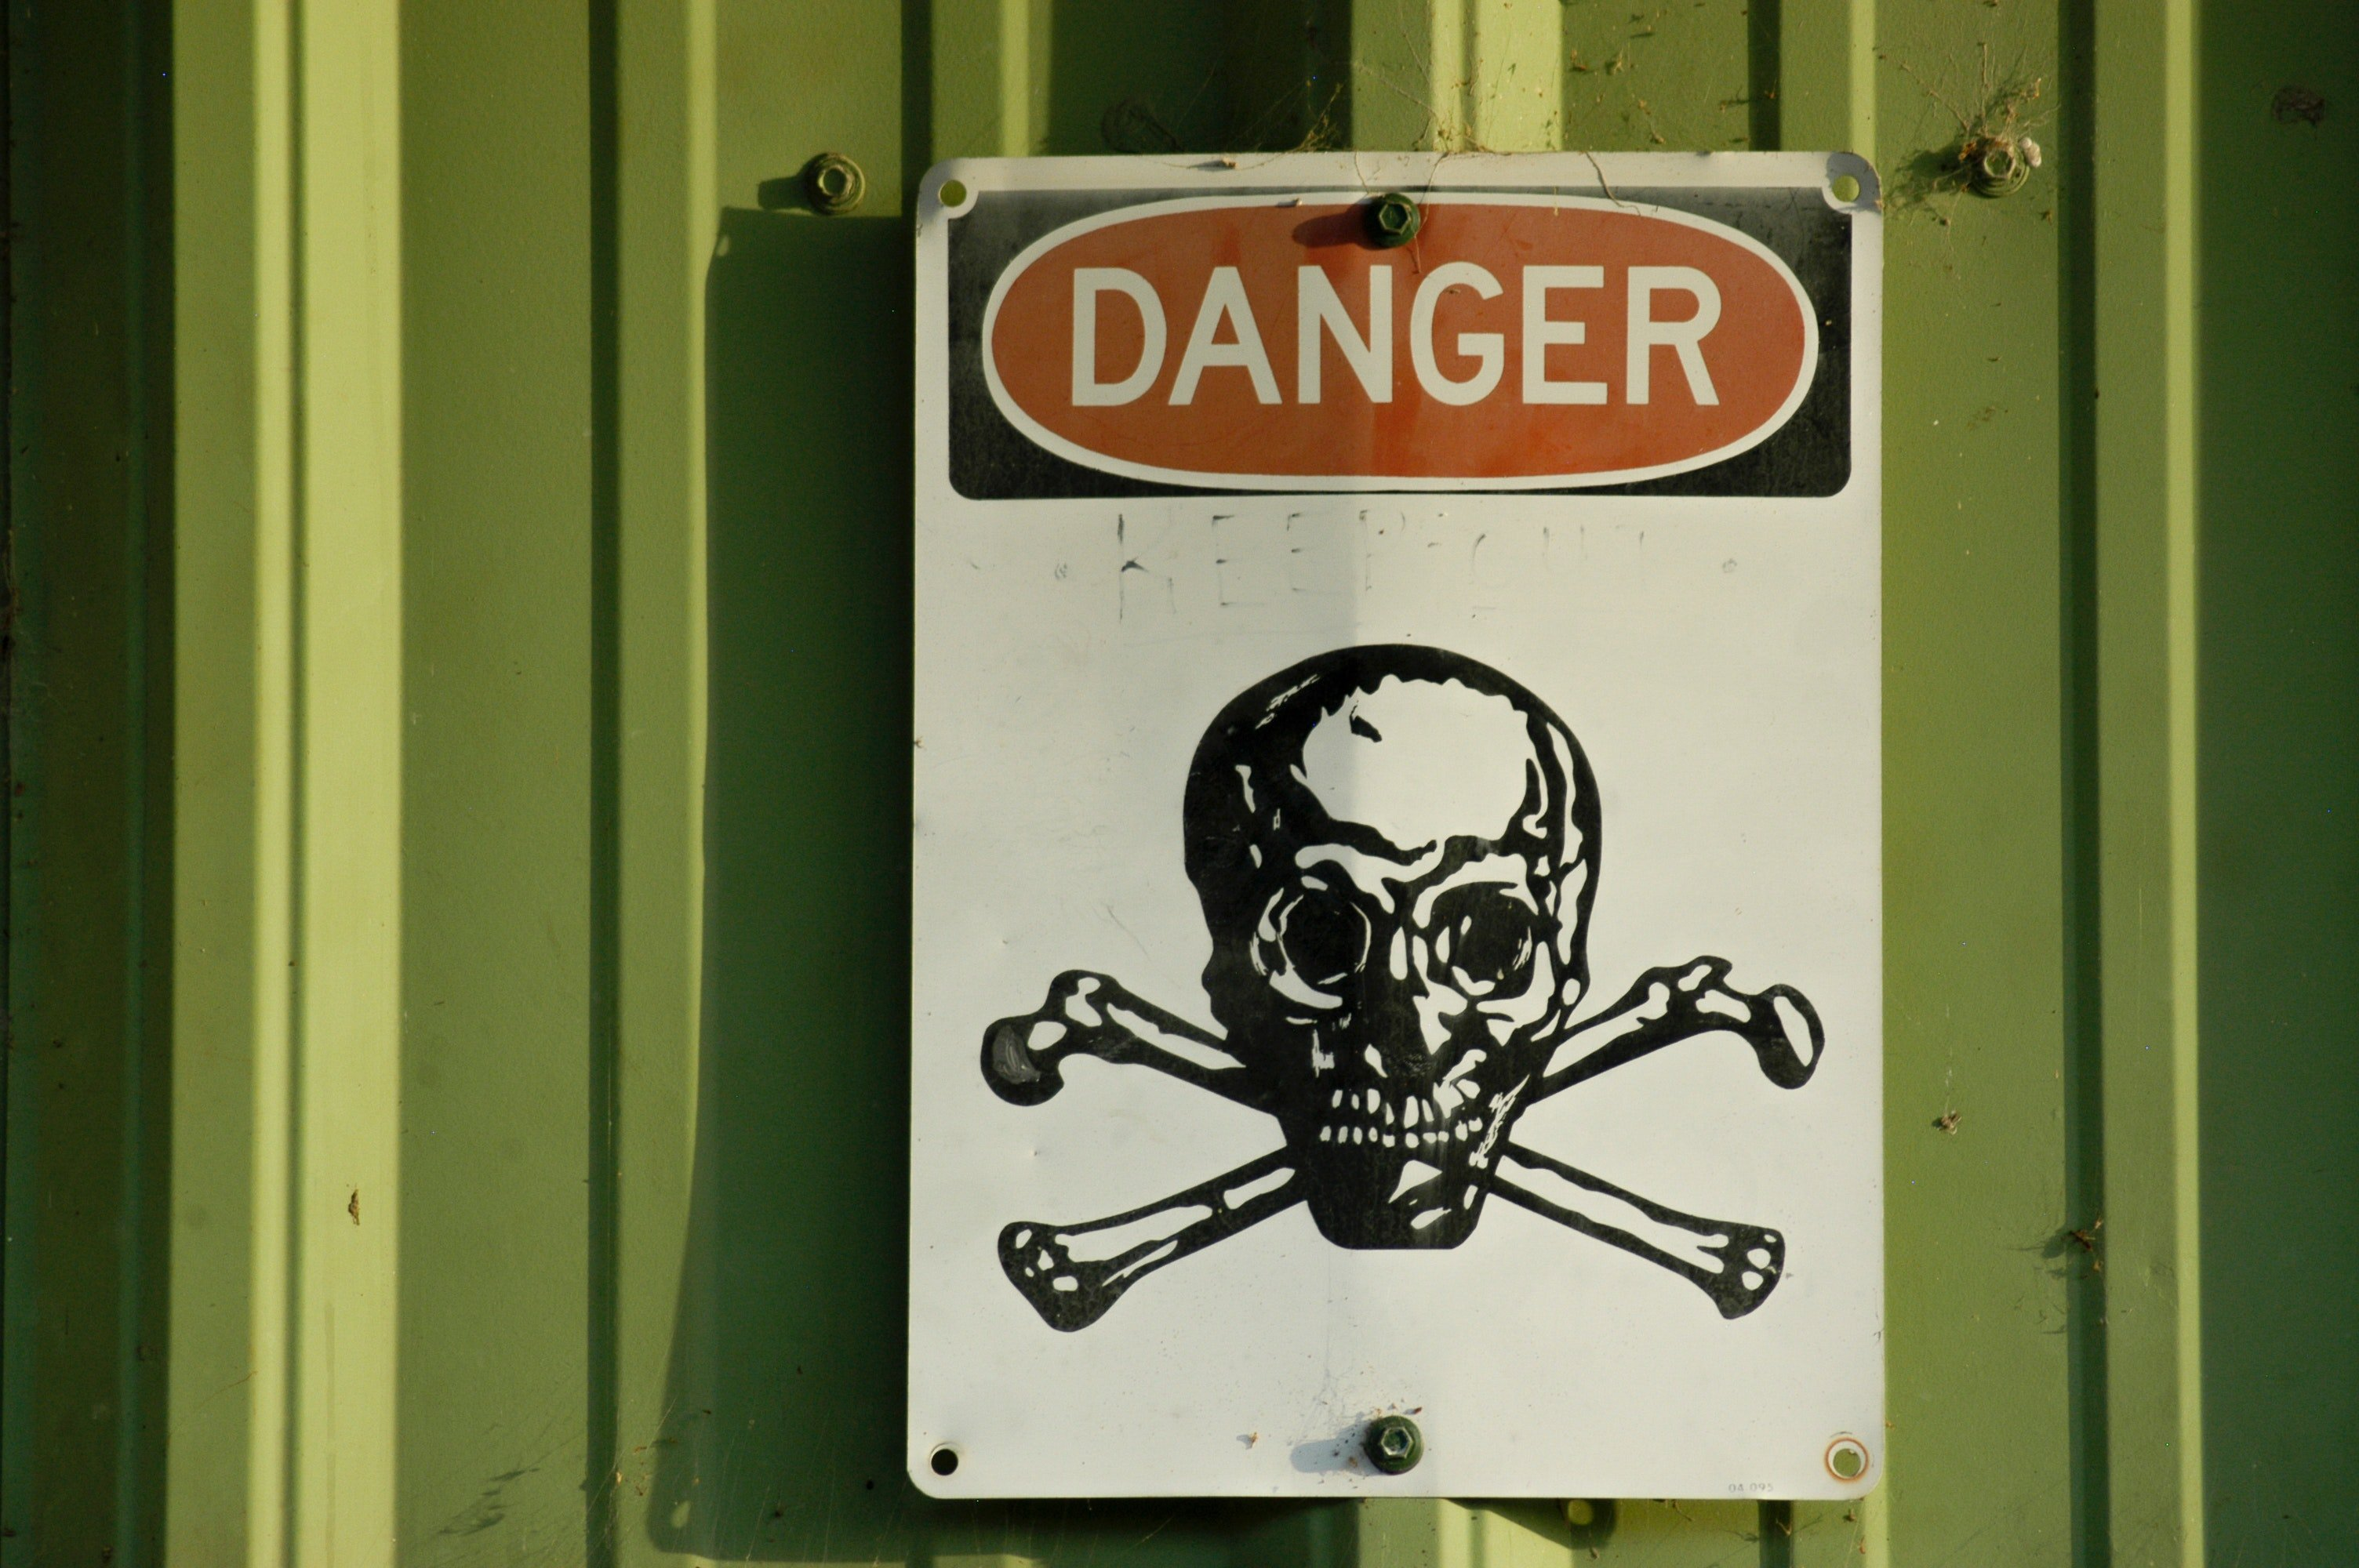 Placa de perigo